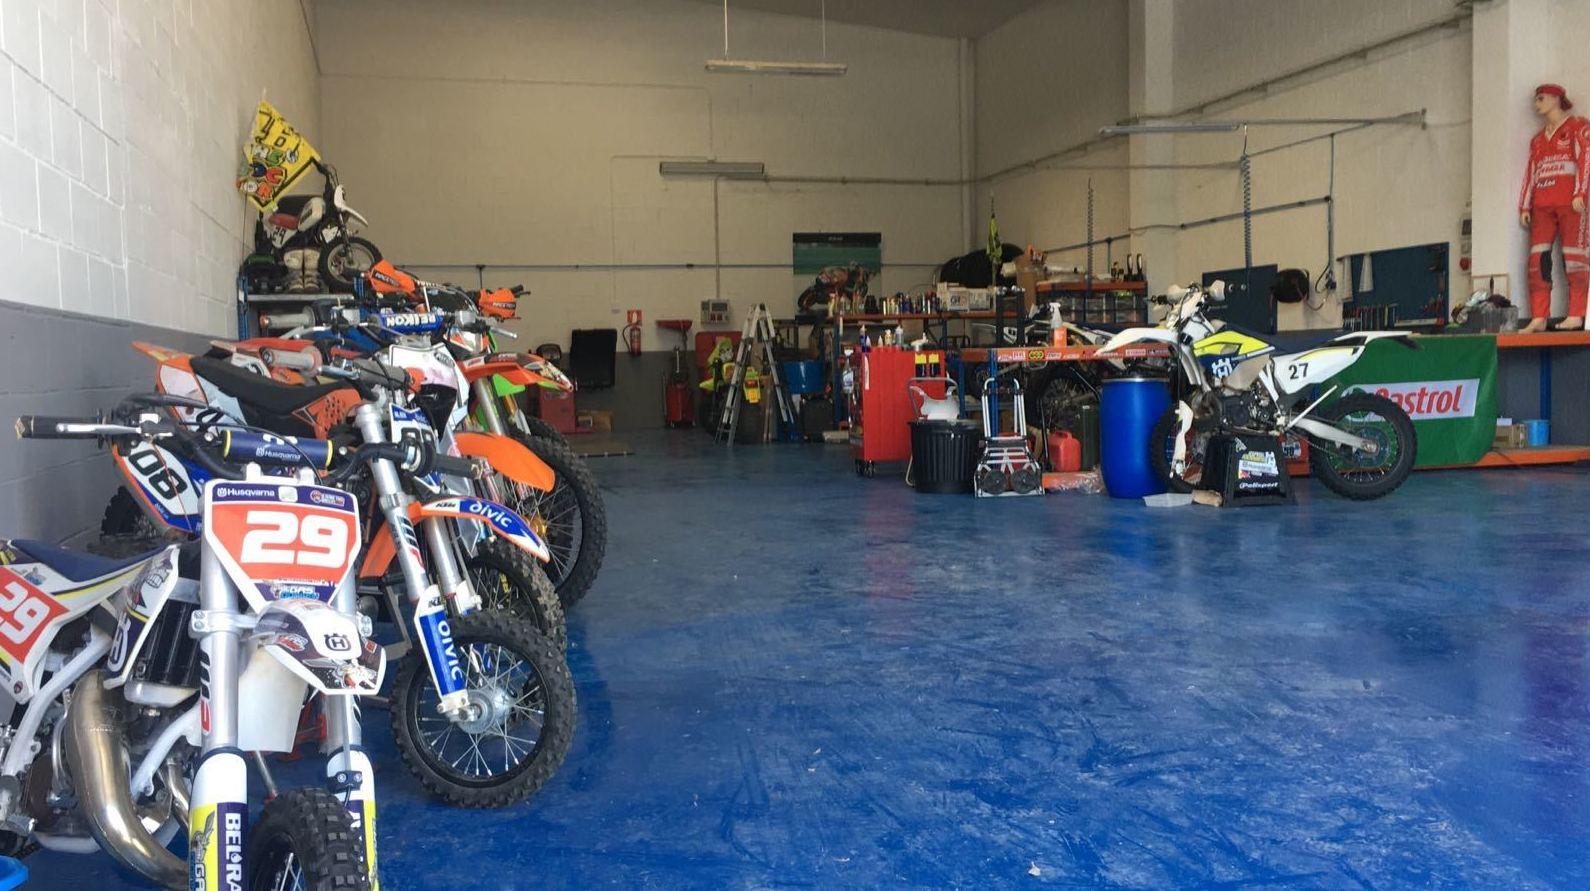 Venta y reparación de motos. Especialistas en motos de competición